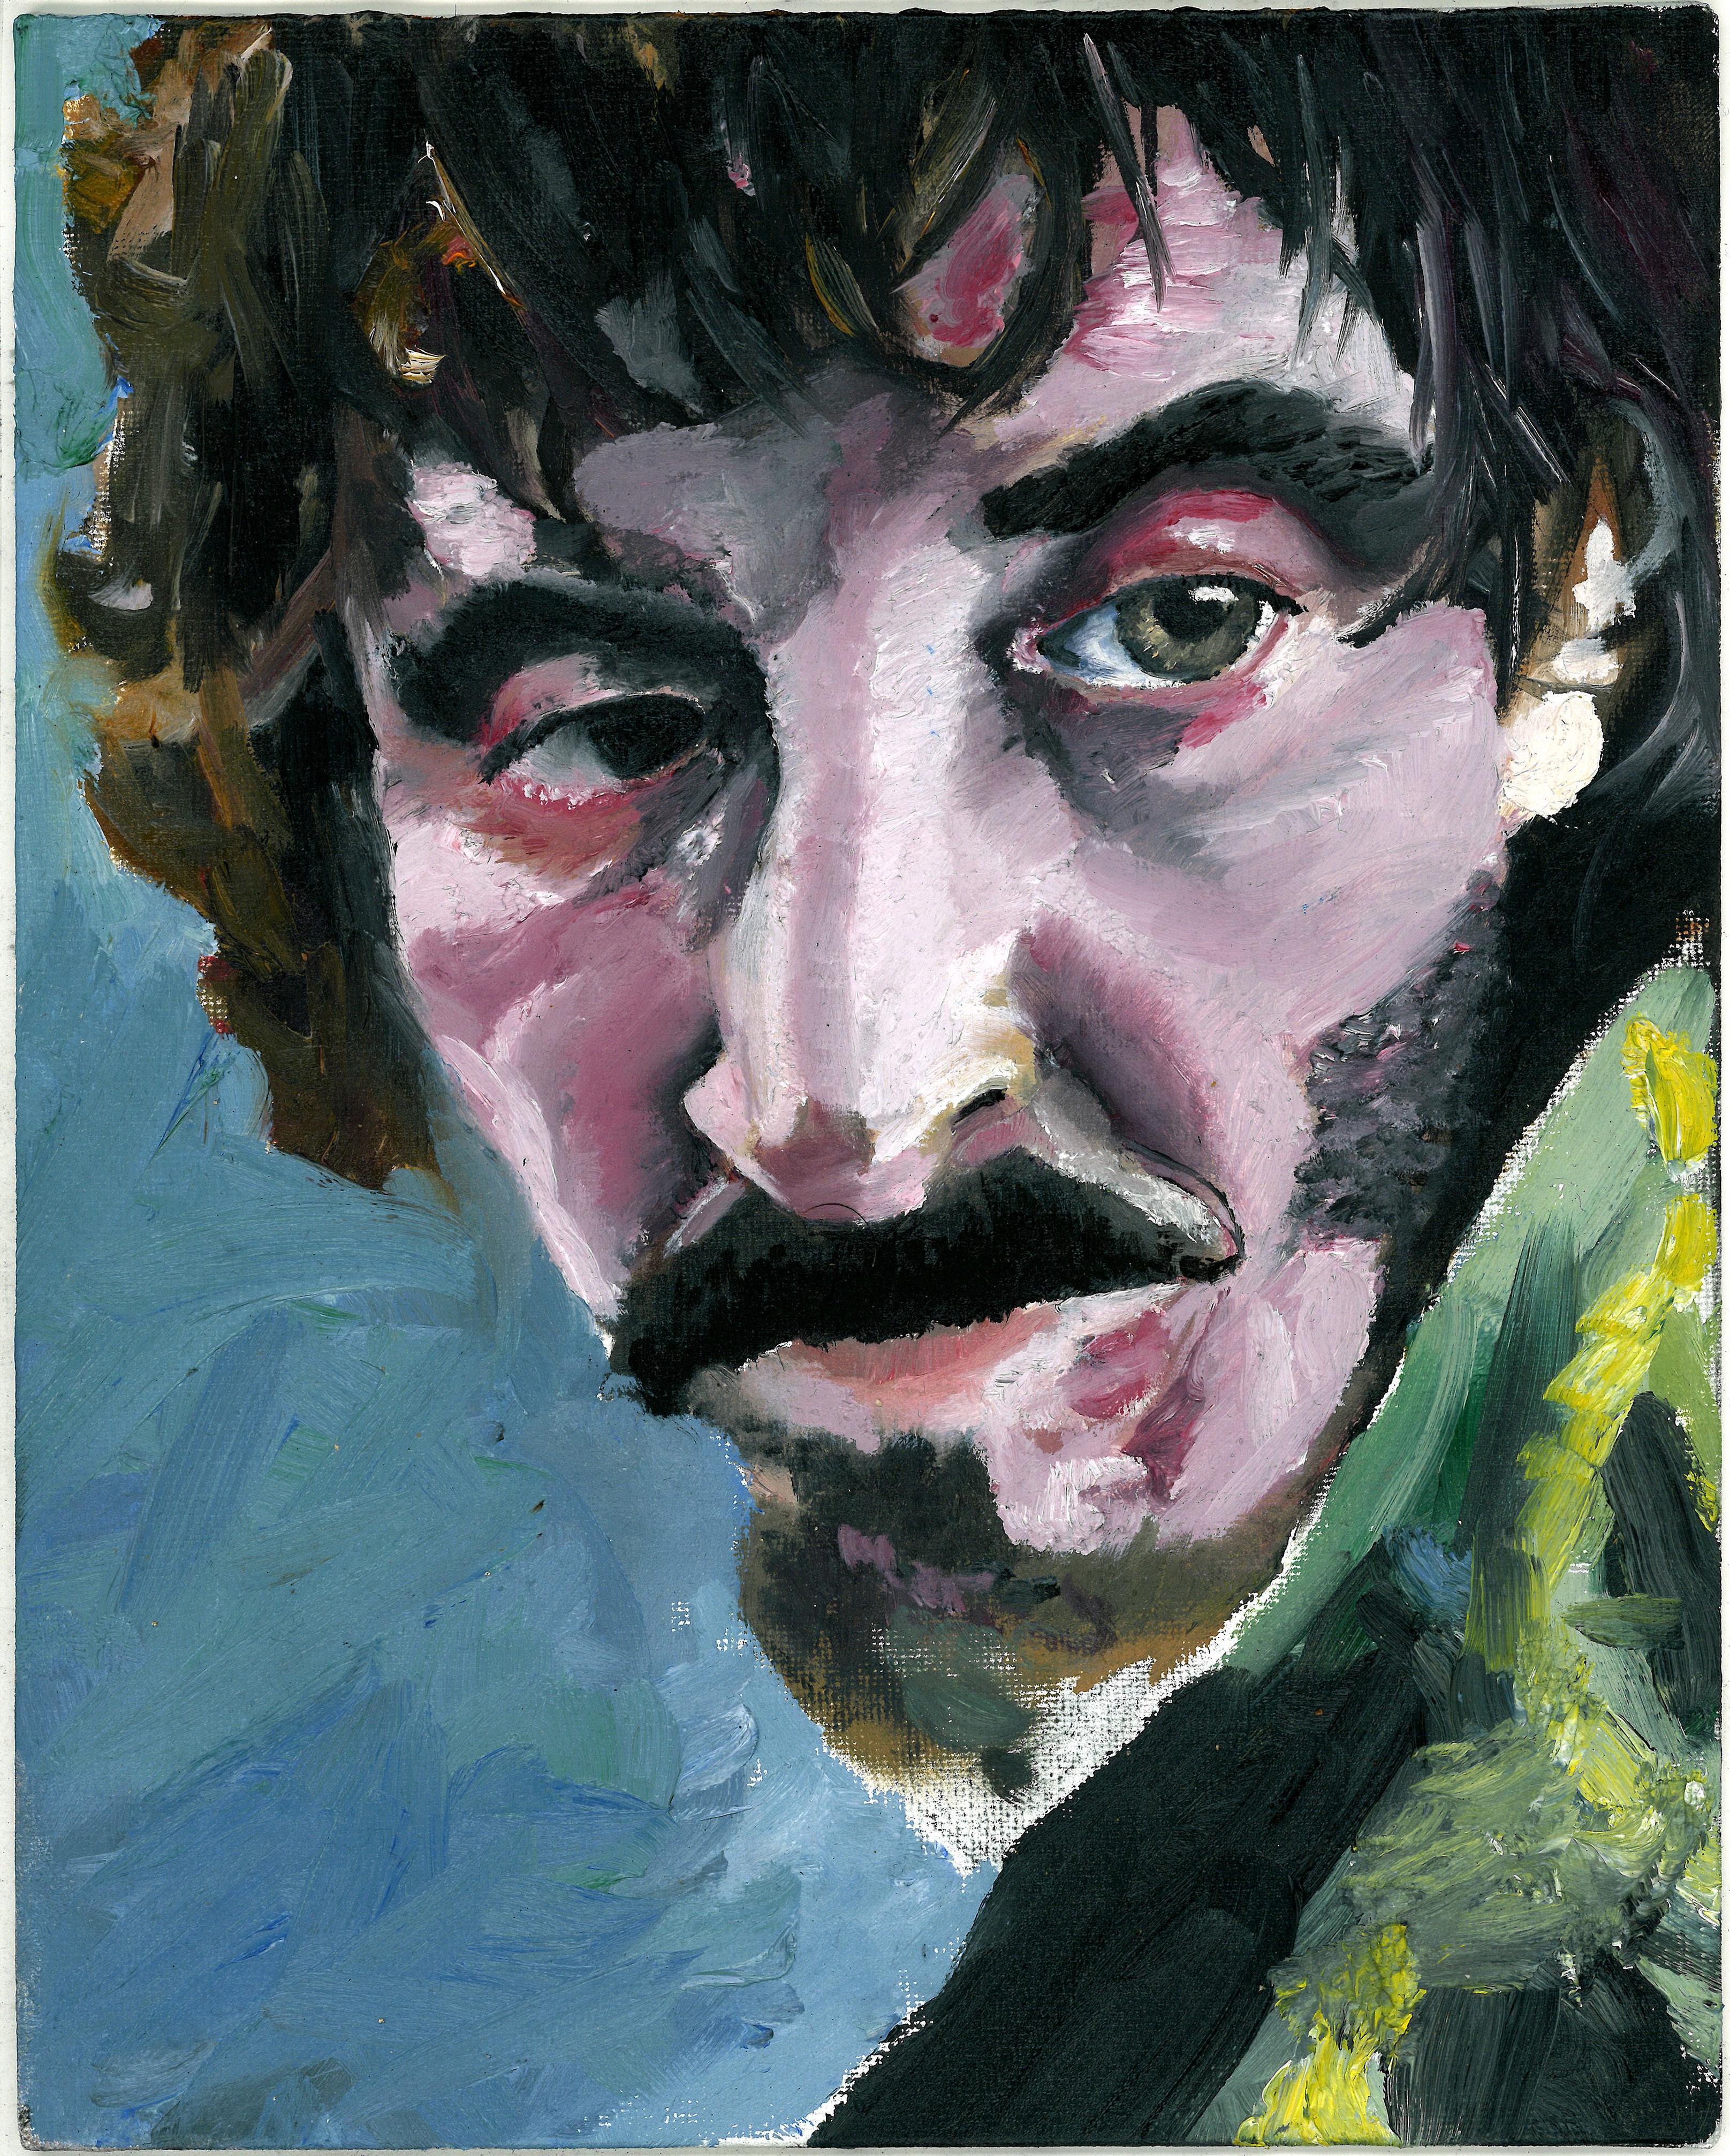 """Oil Portrait Study of Ivan Massagué in """"The Platform"""""""